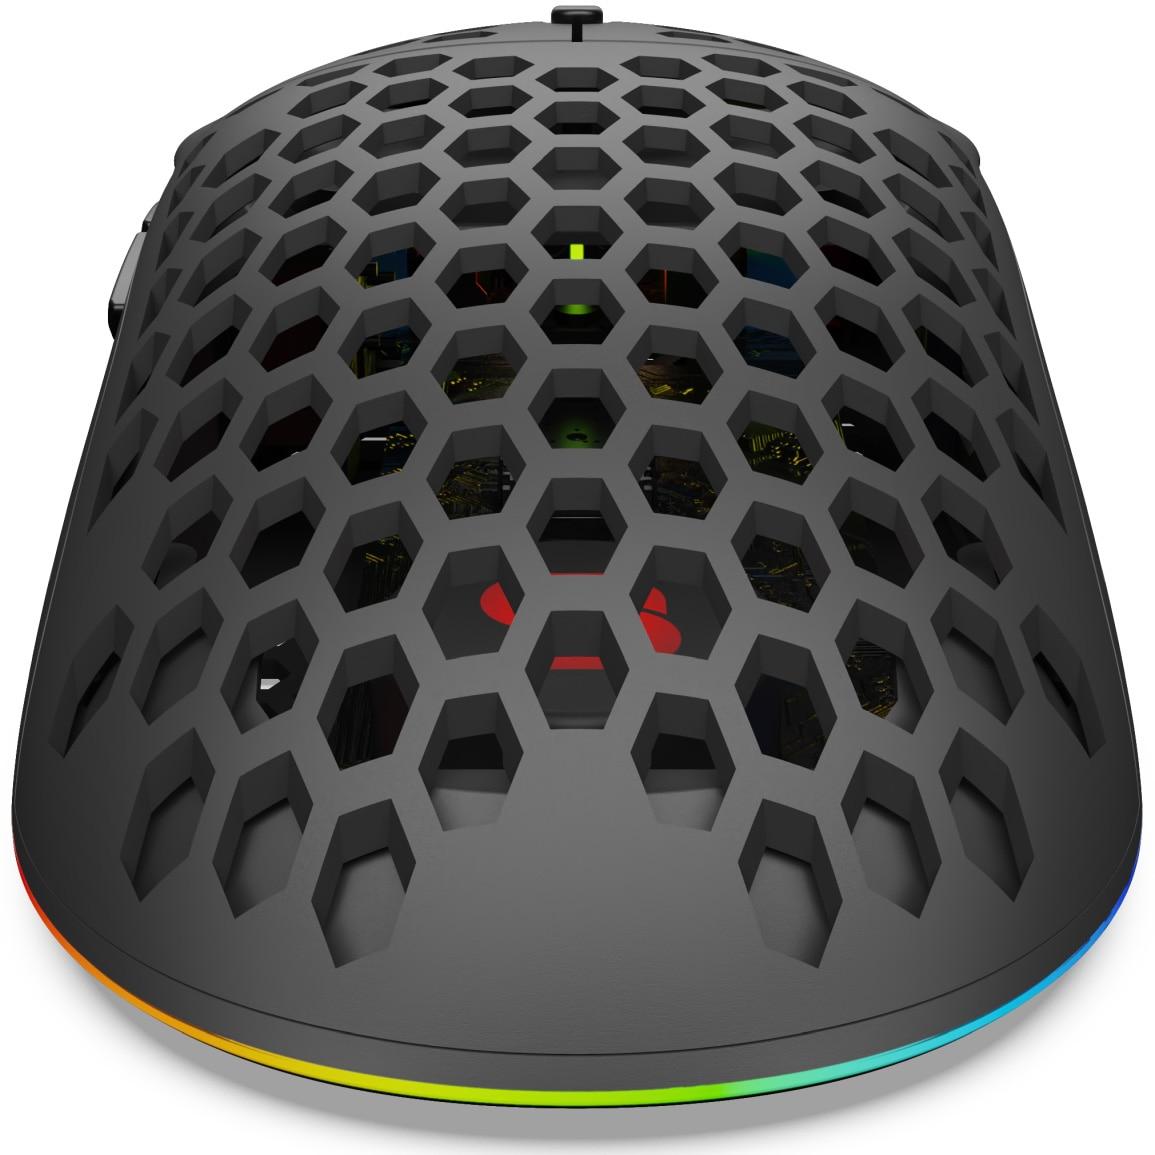 SPC Gear LIX Gaming egér, ultrakönnyű 59g, Honeycomb struktúra, ARGB világítás, paracord kábel, Fekete vb7ac2